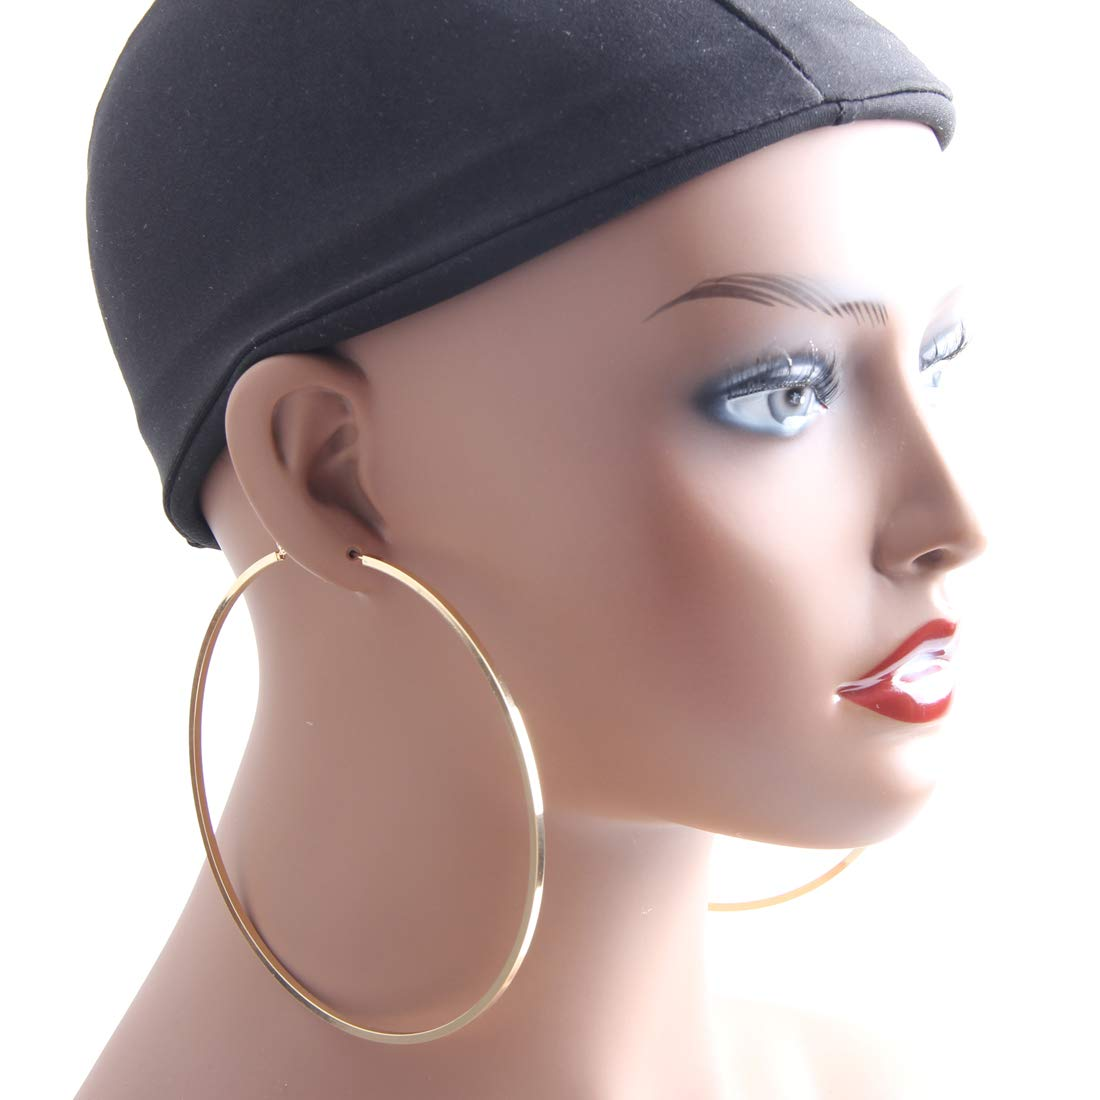 Yeslady Big Gold Hoop Earrings,Square Line Round Hoop Earrings For Women Girls Gift 100mm B07H4MTTPS_US